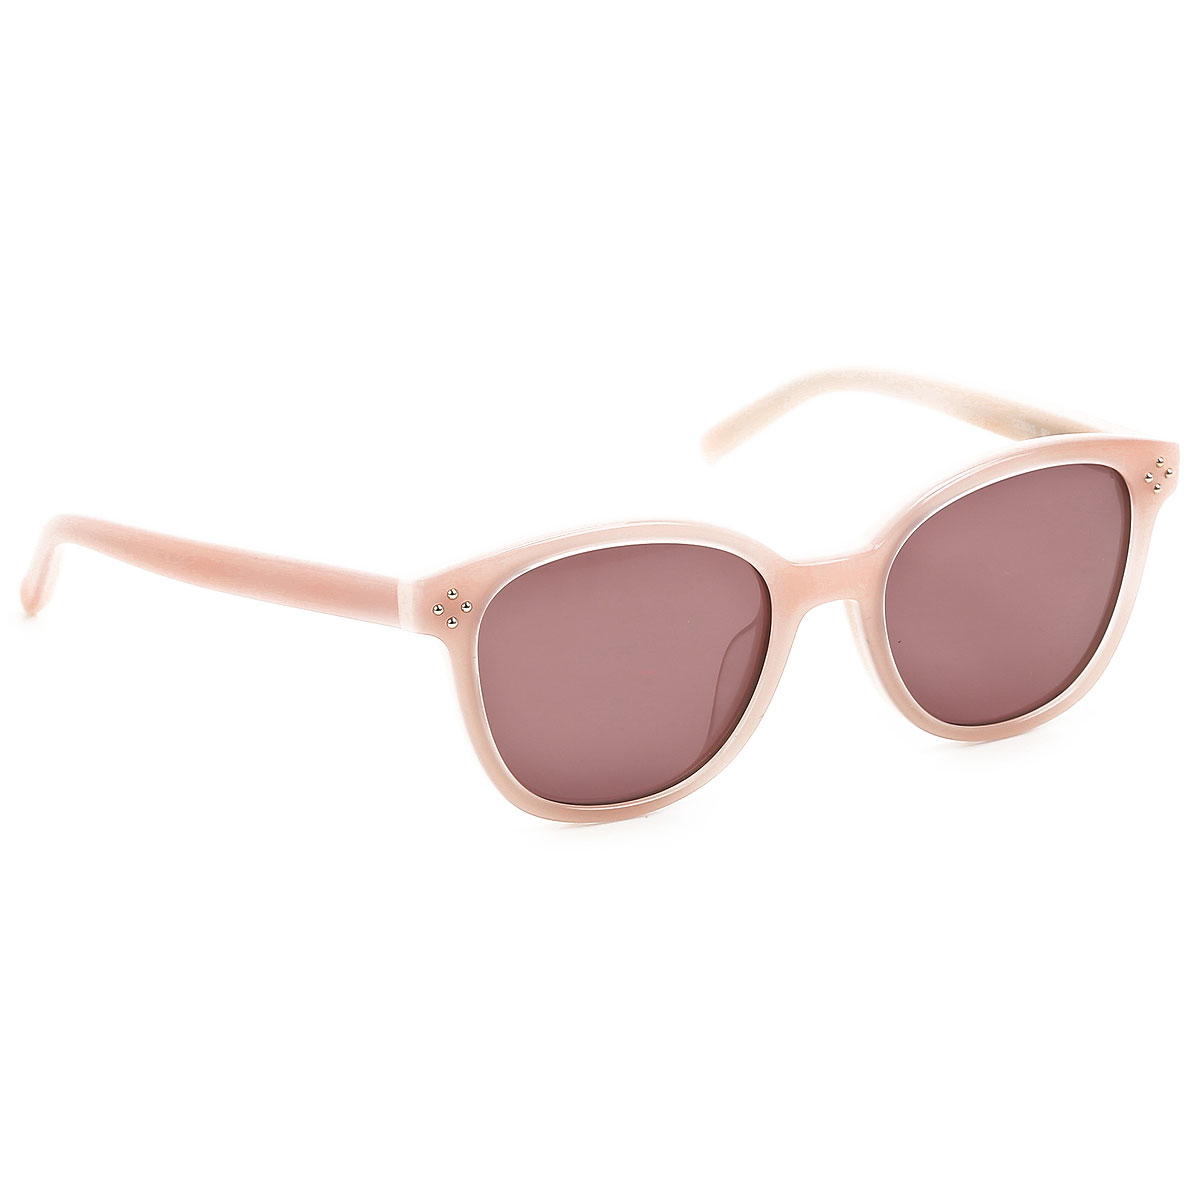 Image of Chloe Kids Sunglasses for Girls On Sale, Ballet Rose, 2017